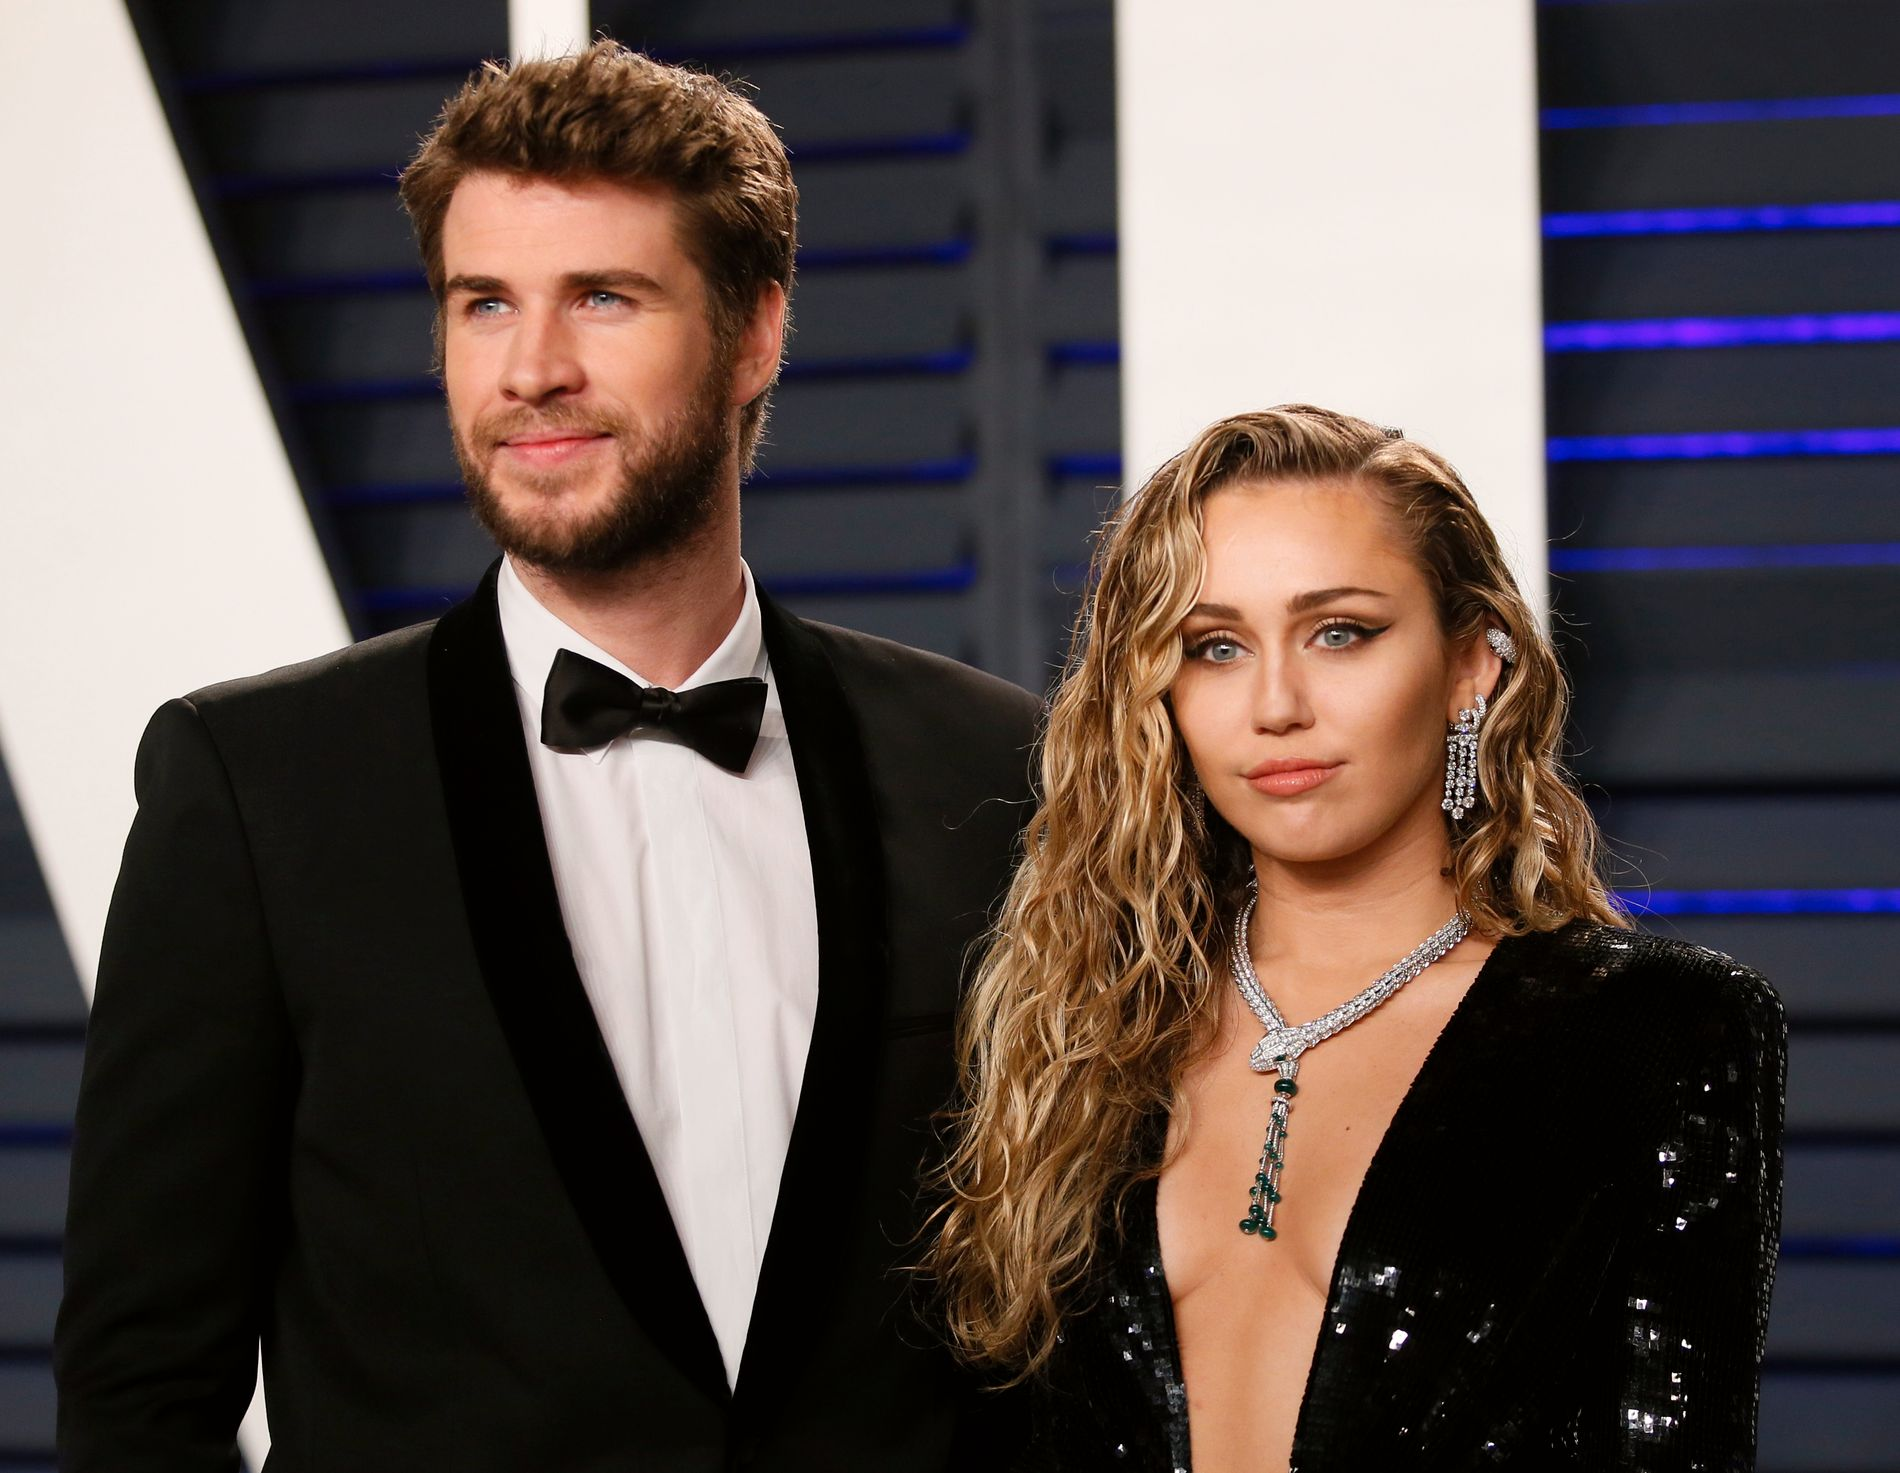 SEPARERT: Liam Hemsworth og Miley Cyrus var kjærester i ti år, og giftet seg i fjor. Nå har de gått hver til sitt.